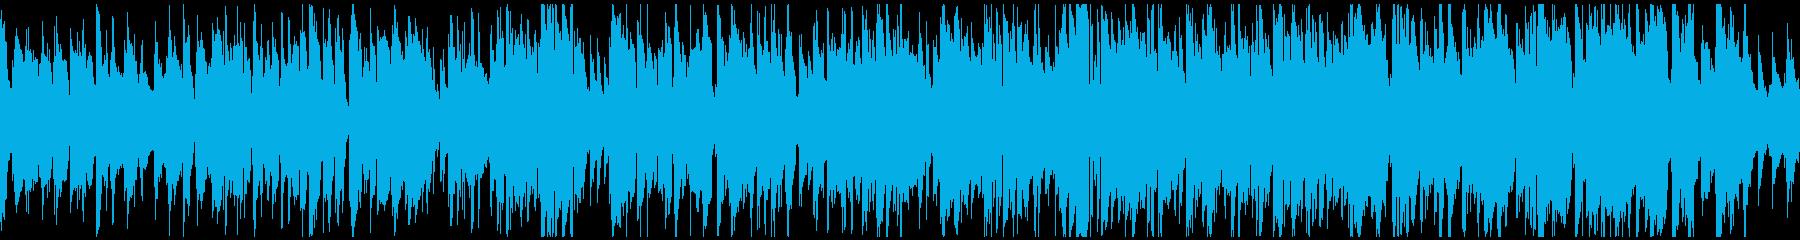 テンポ良い昼下がり散歩的ジャズ※ループ版の再生済みの波形